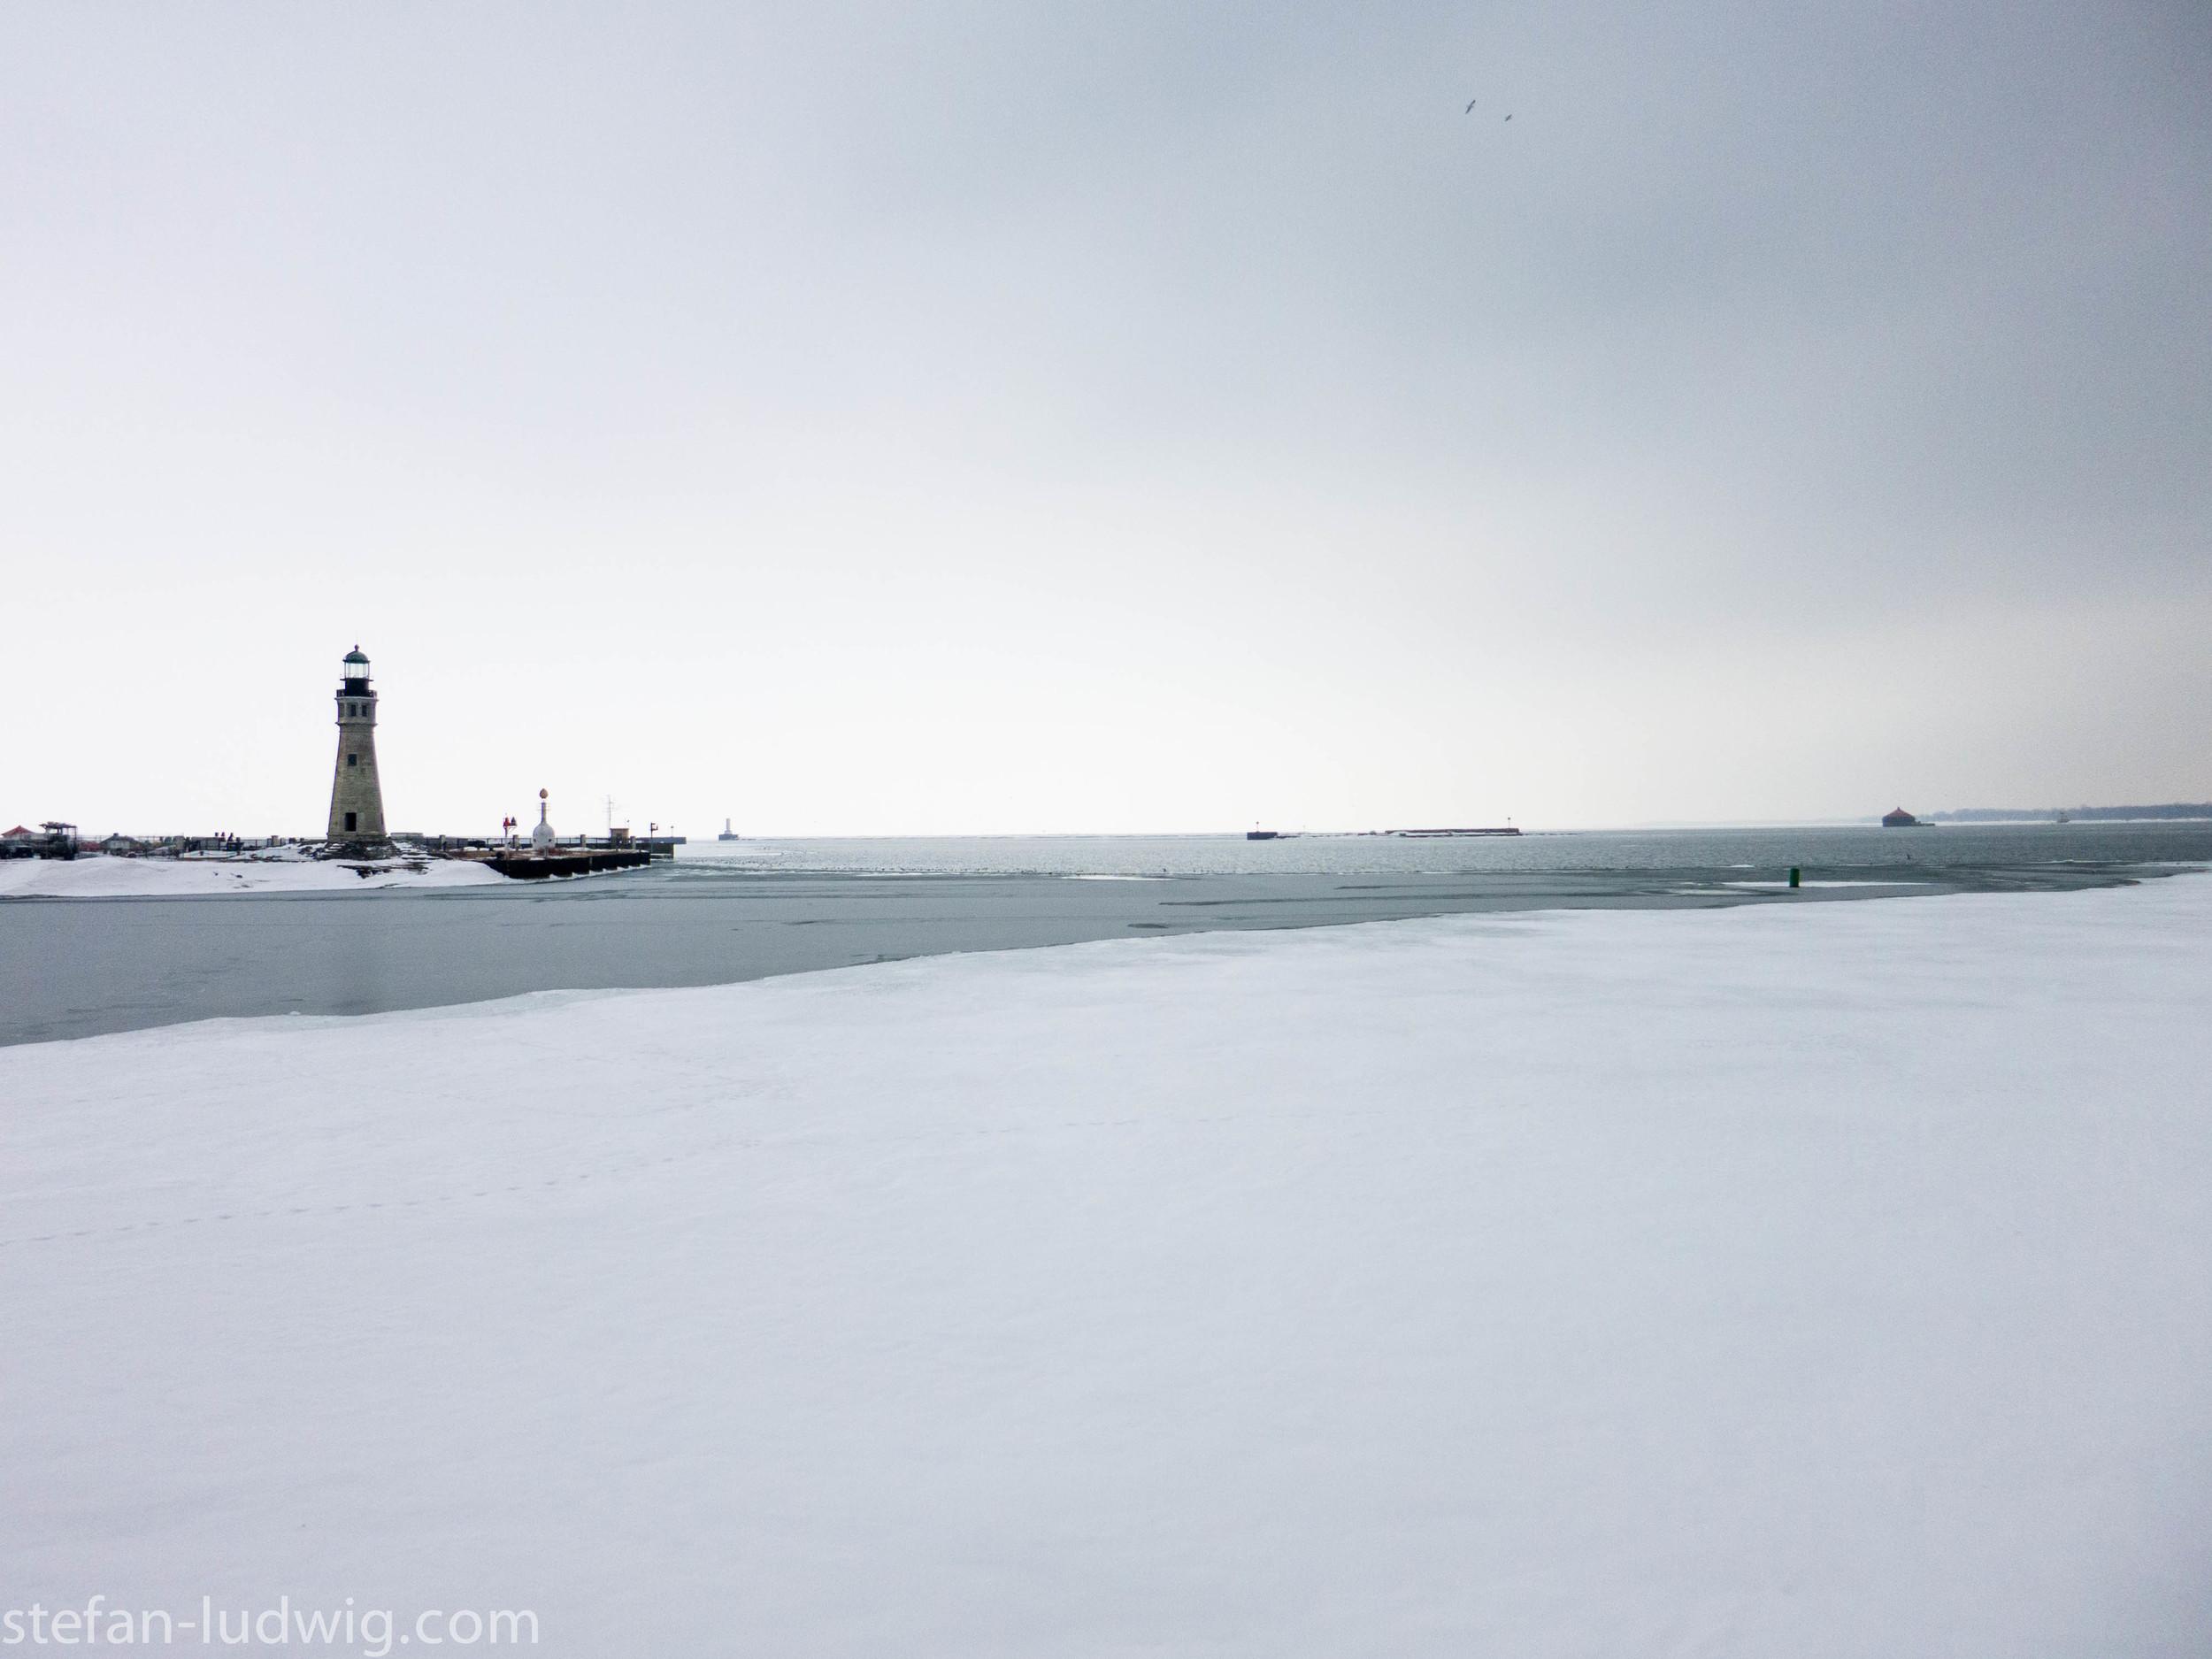 WaterfrontIce-1605.jpg